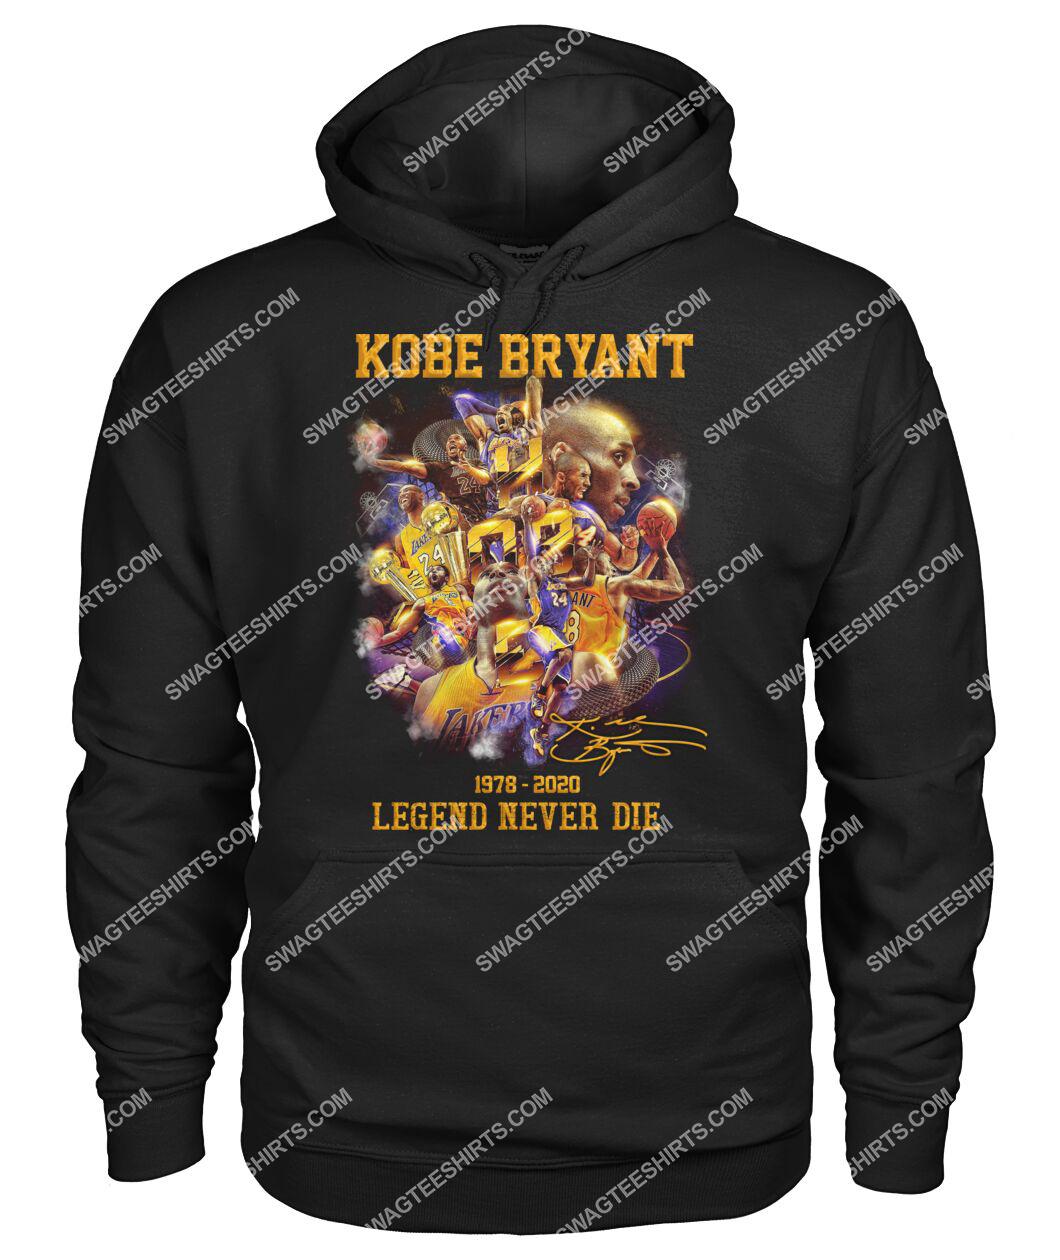 nba kobe bryant legends never die hoodie 1